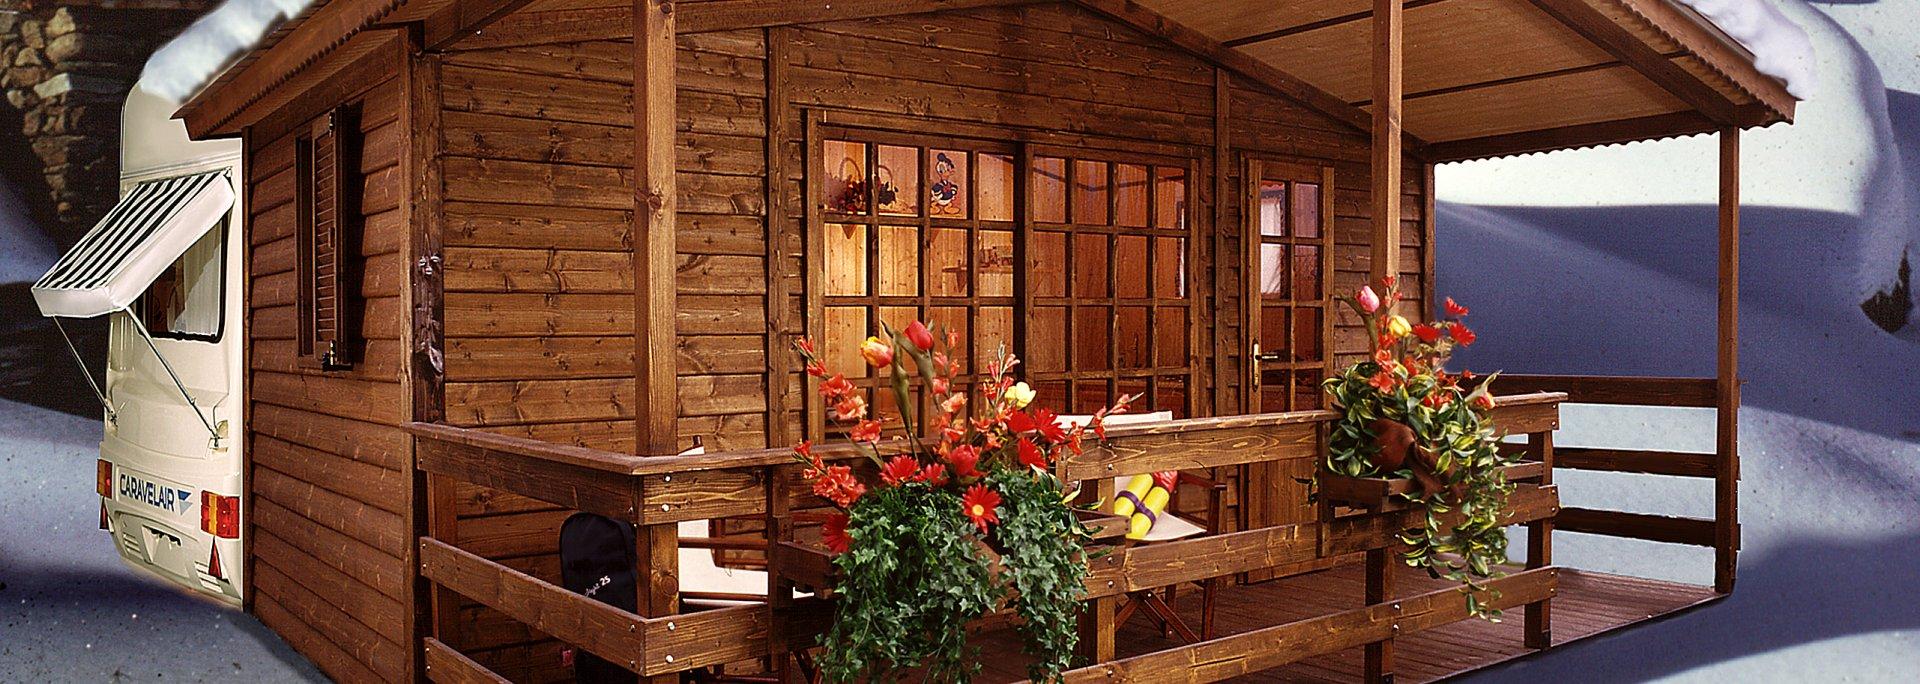 Le mini case trasportabili davvero meravigliose for Mini case interni